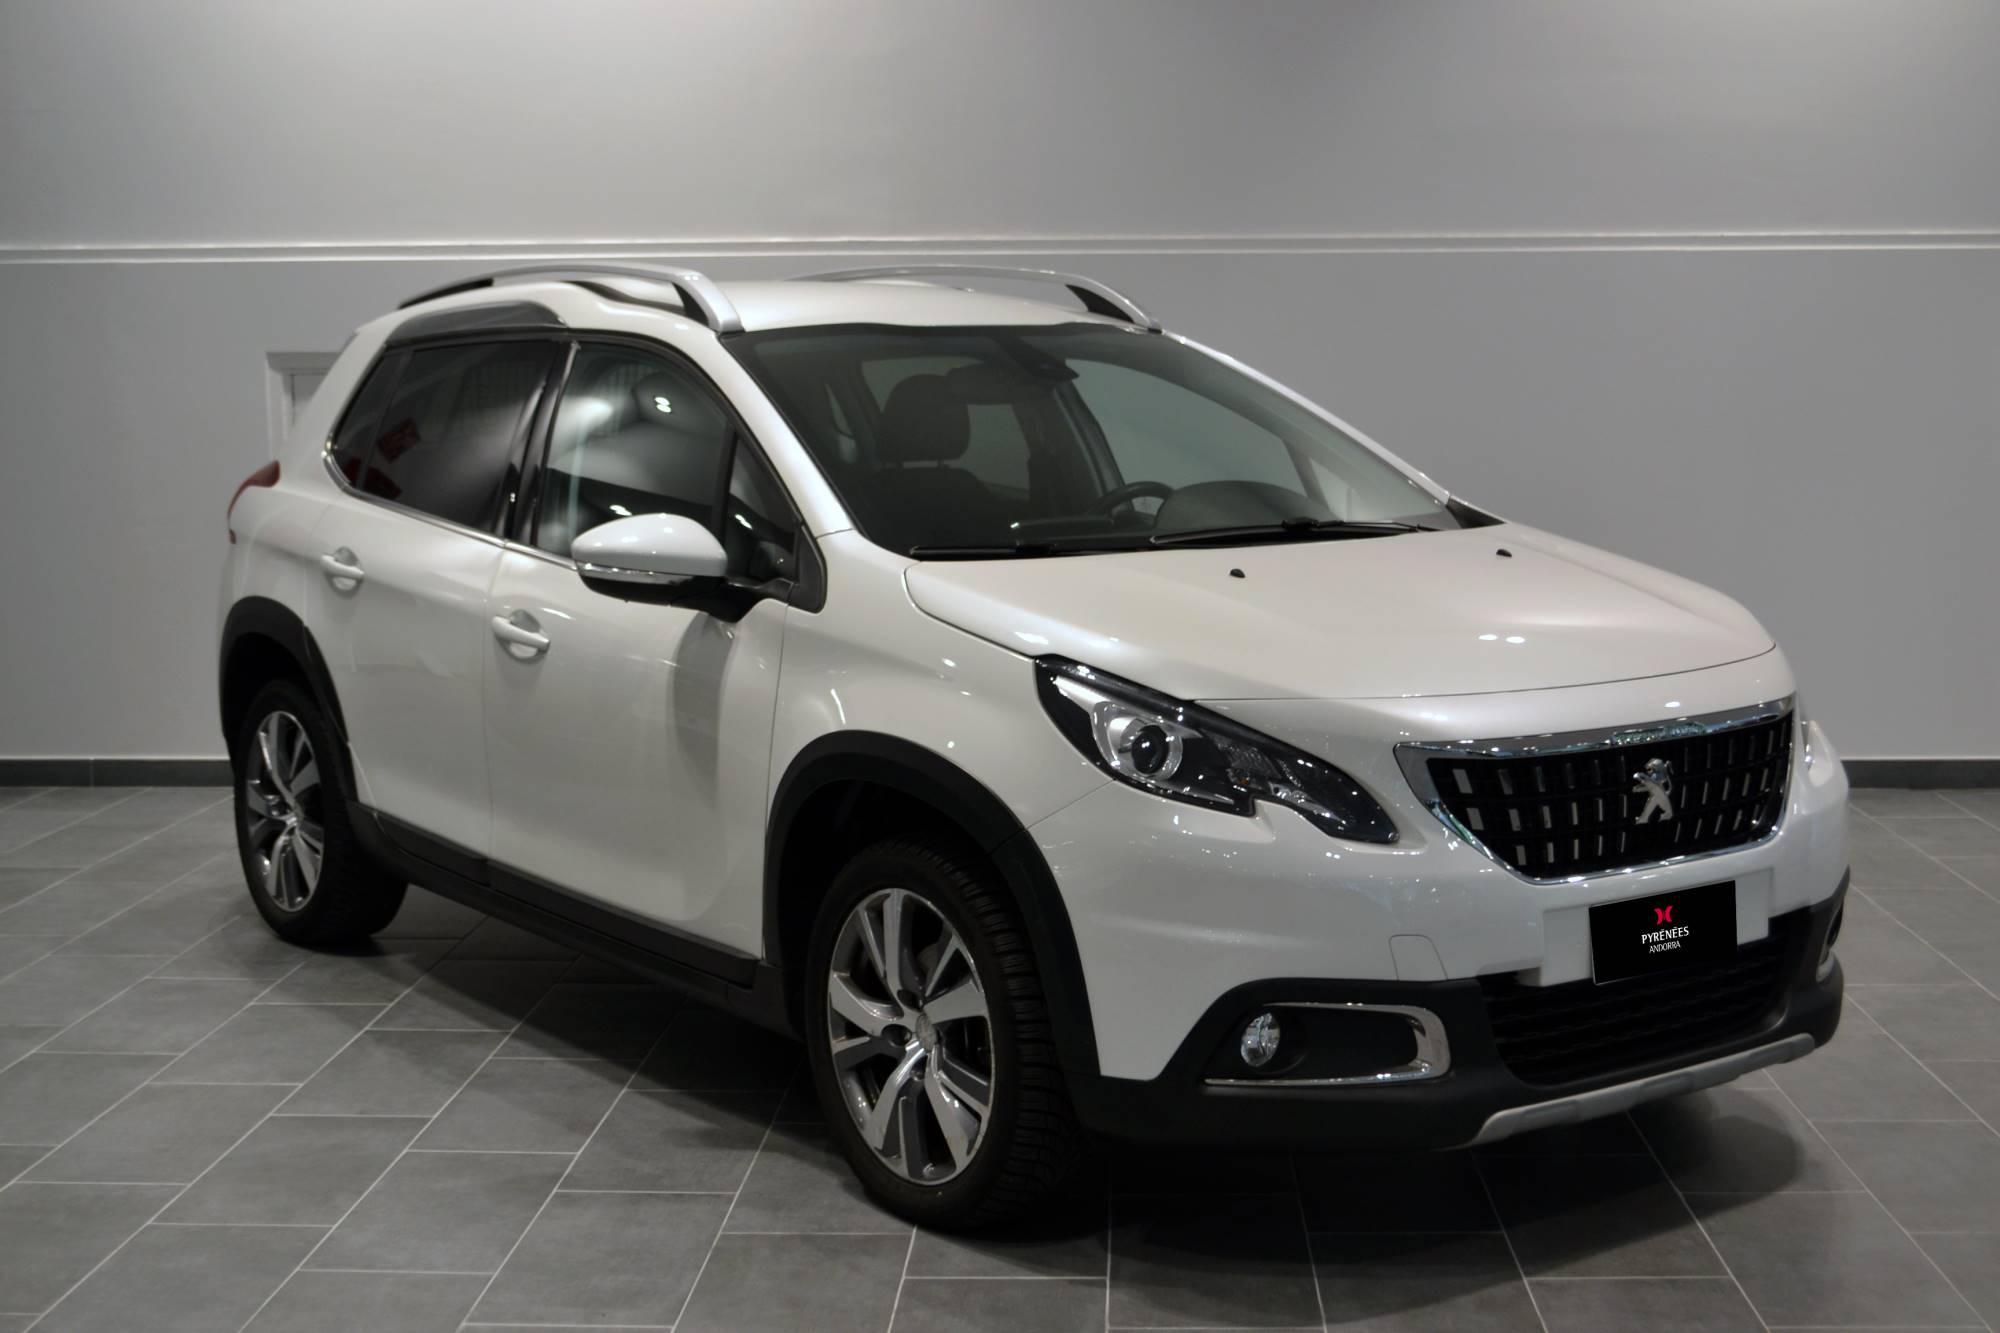 Peugeot - 2008 - 1.2 VTI 1.2 VTI Benzina  2017  43.680 Km